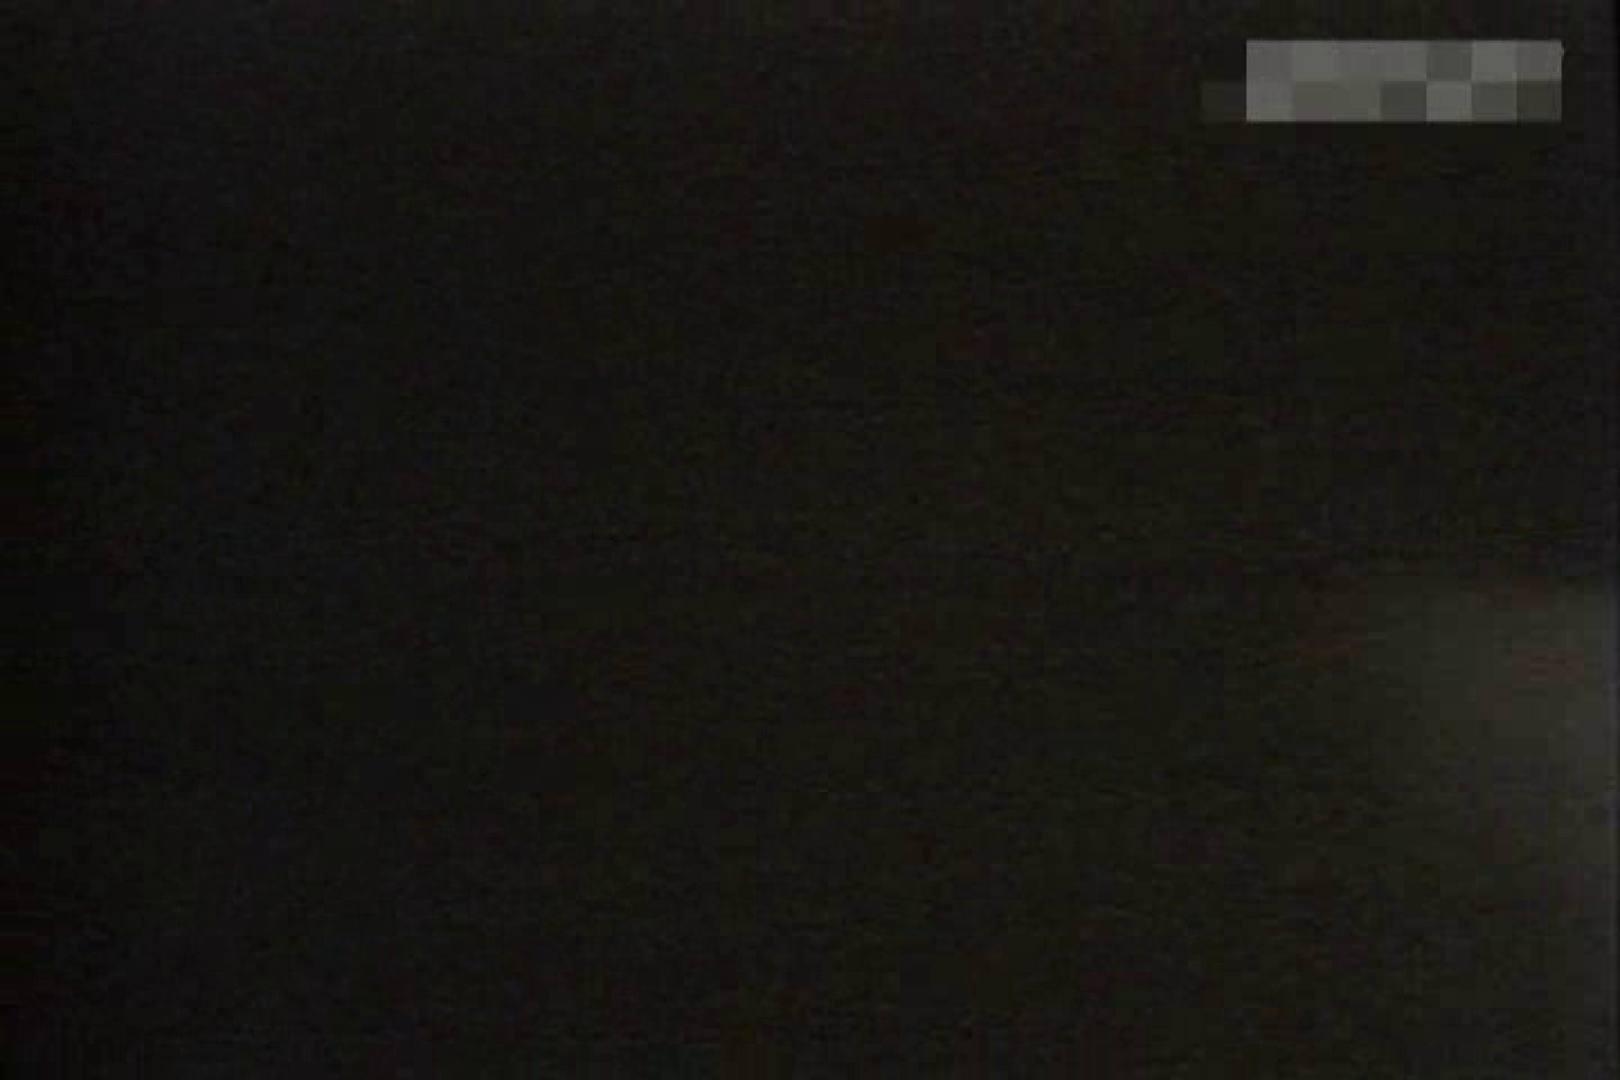 個室狂いのマニア映像Vol.2 おまんこ われめAV動画紹介 76pic 3